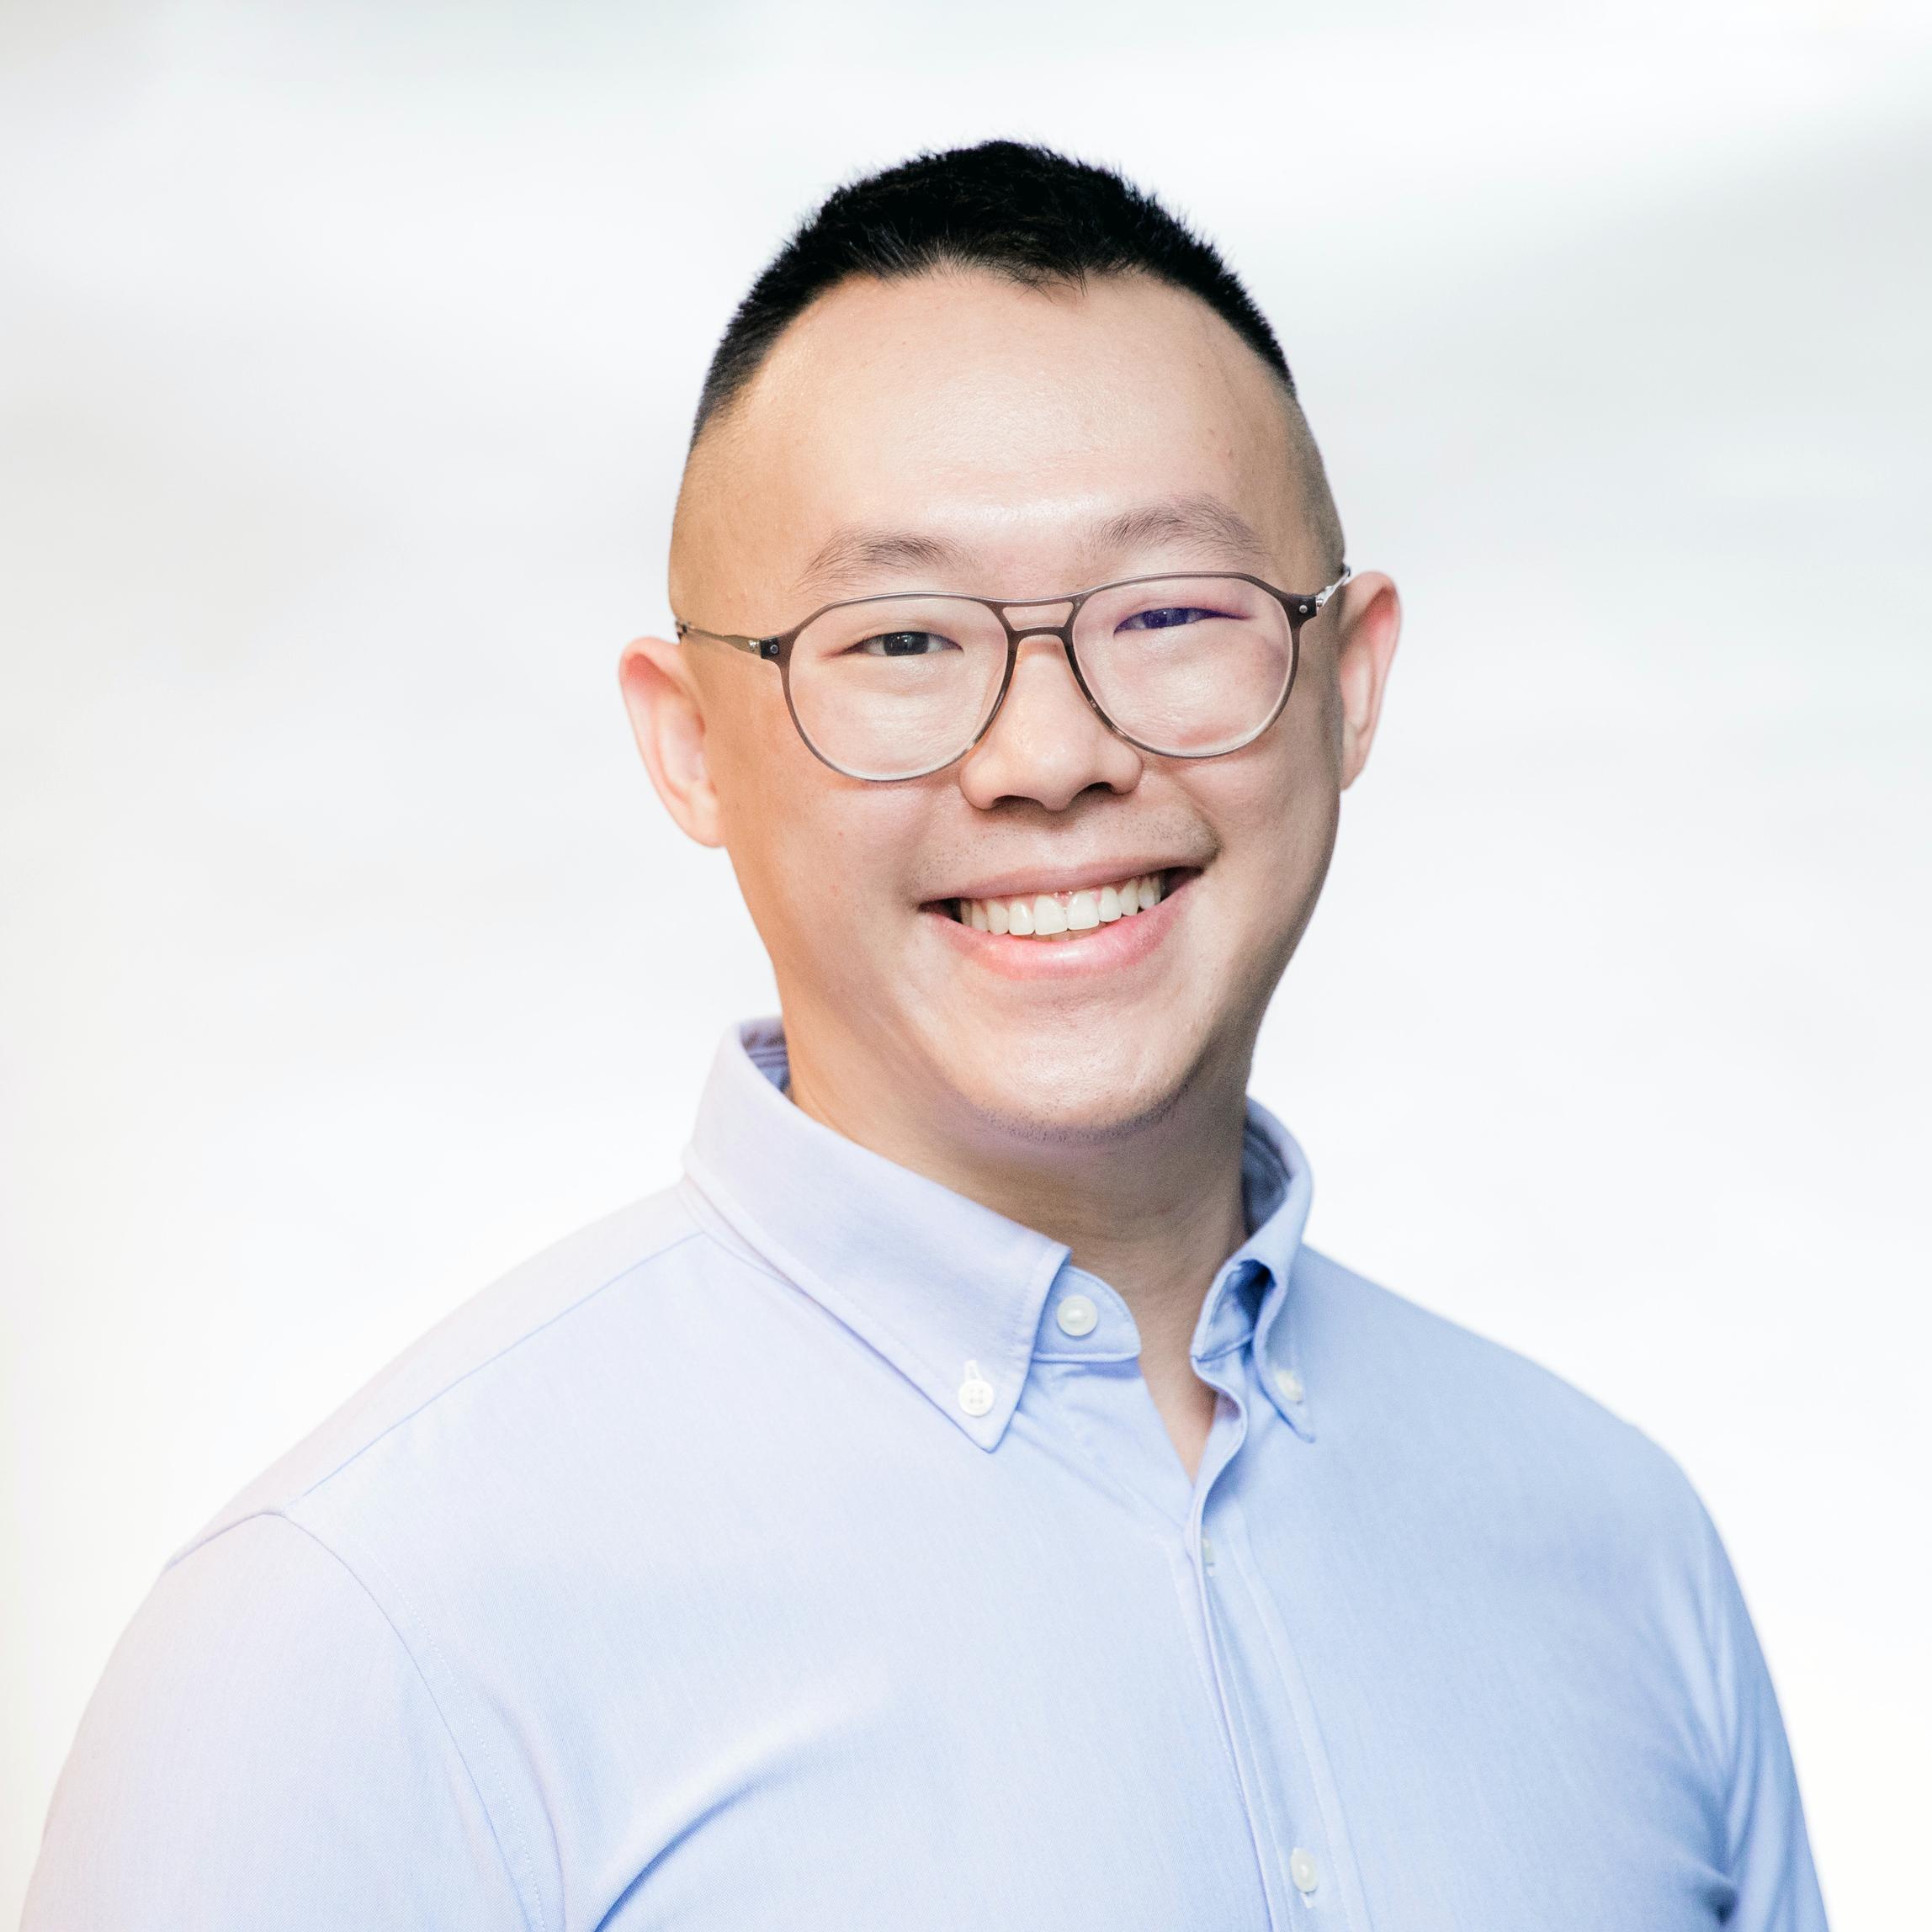 Wei-Hsi Chen